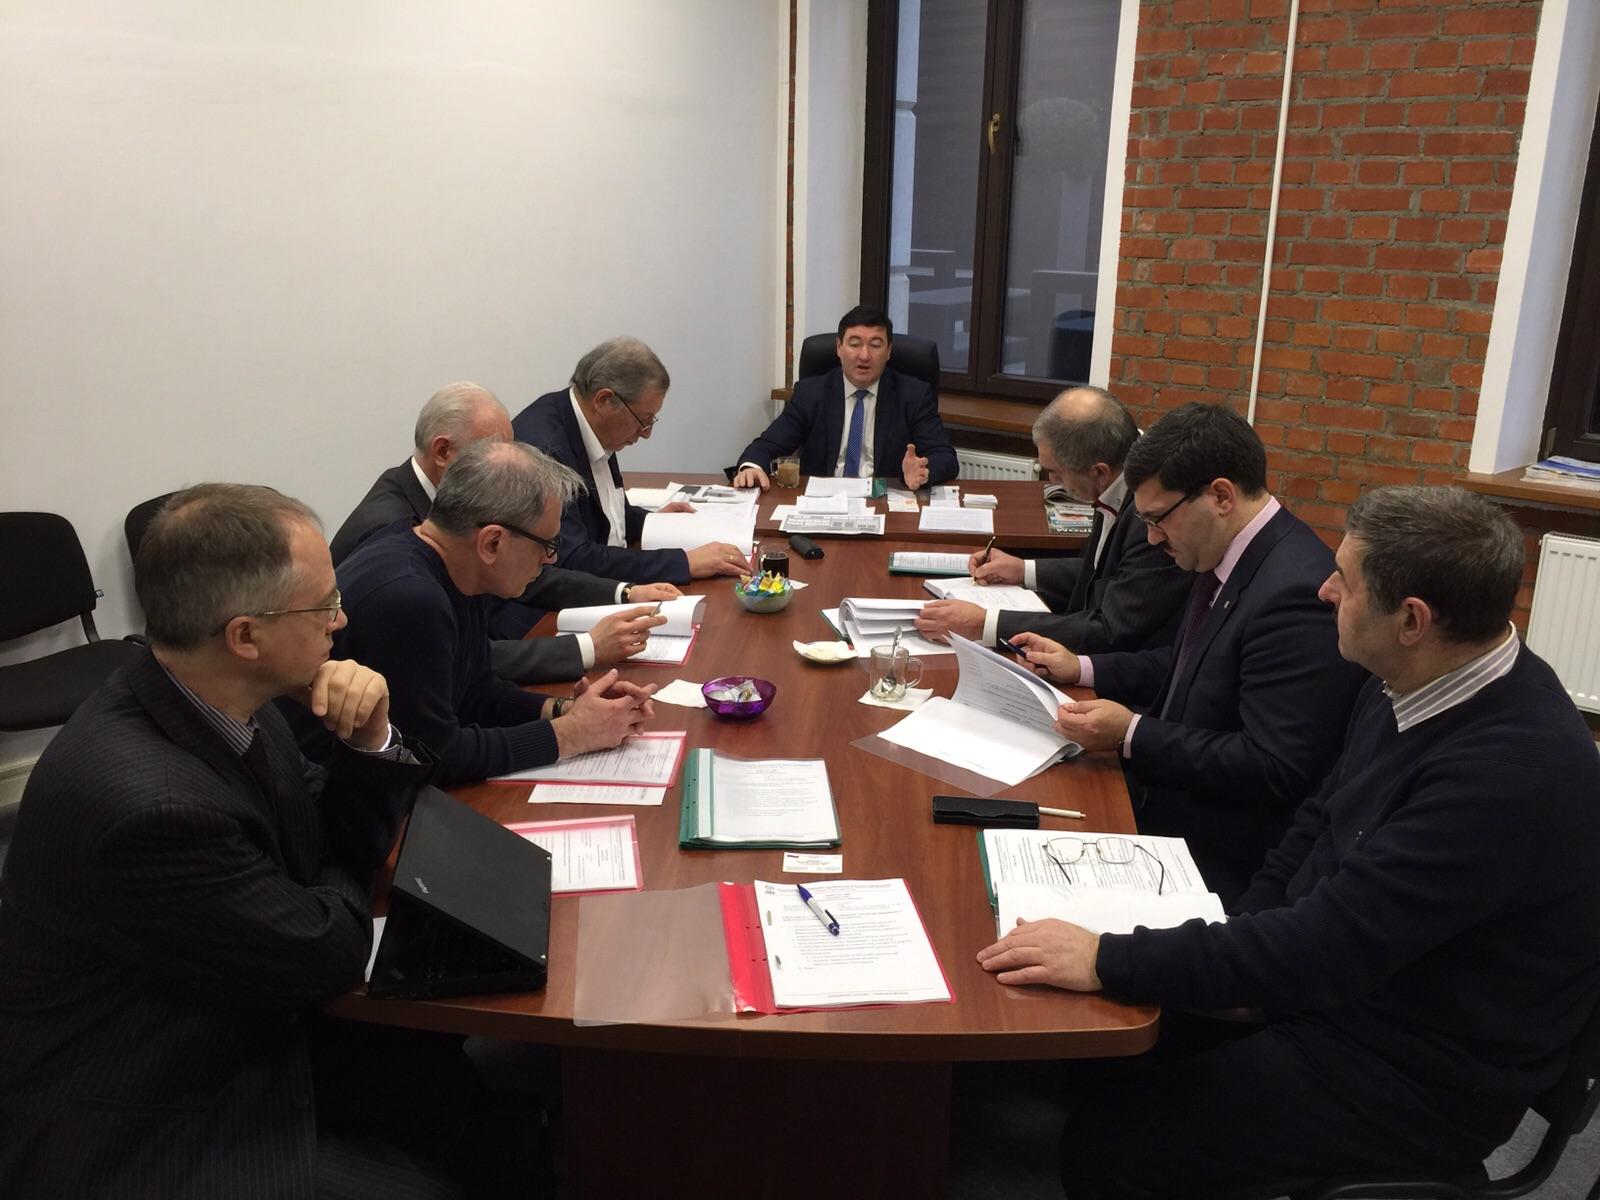 11 декабря 2015 года состоялось совещание по вопросам технического регулирования и развития инжиниринга